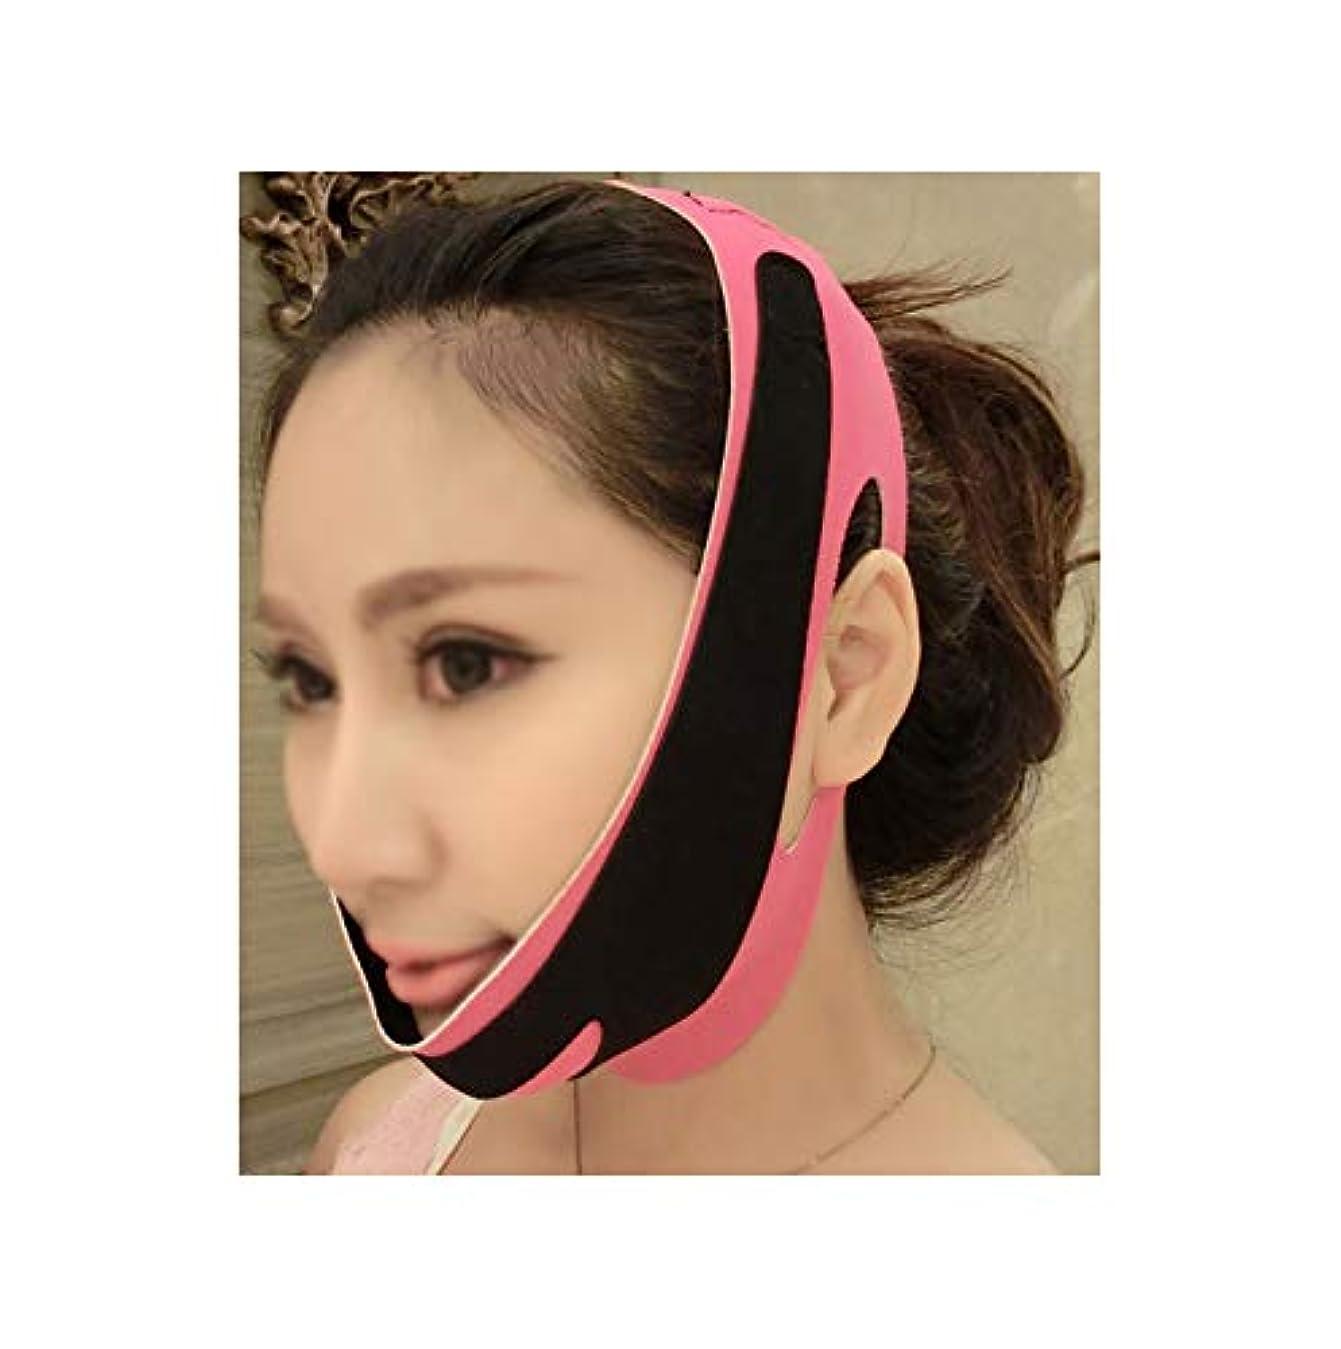 運動する特定のポットGLJJQMY 二重あごを取り除くために顔を持ち上げる包帯顔スリムVラインの顔の形のあごの頬を持ち上げる抗しわリフトベルトフェイシャルマッサージツール女性と女の子3顔包帯 顔用整形マスク